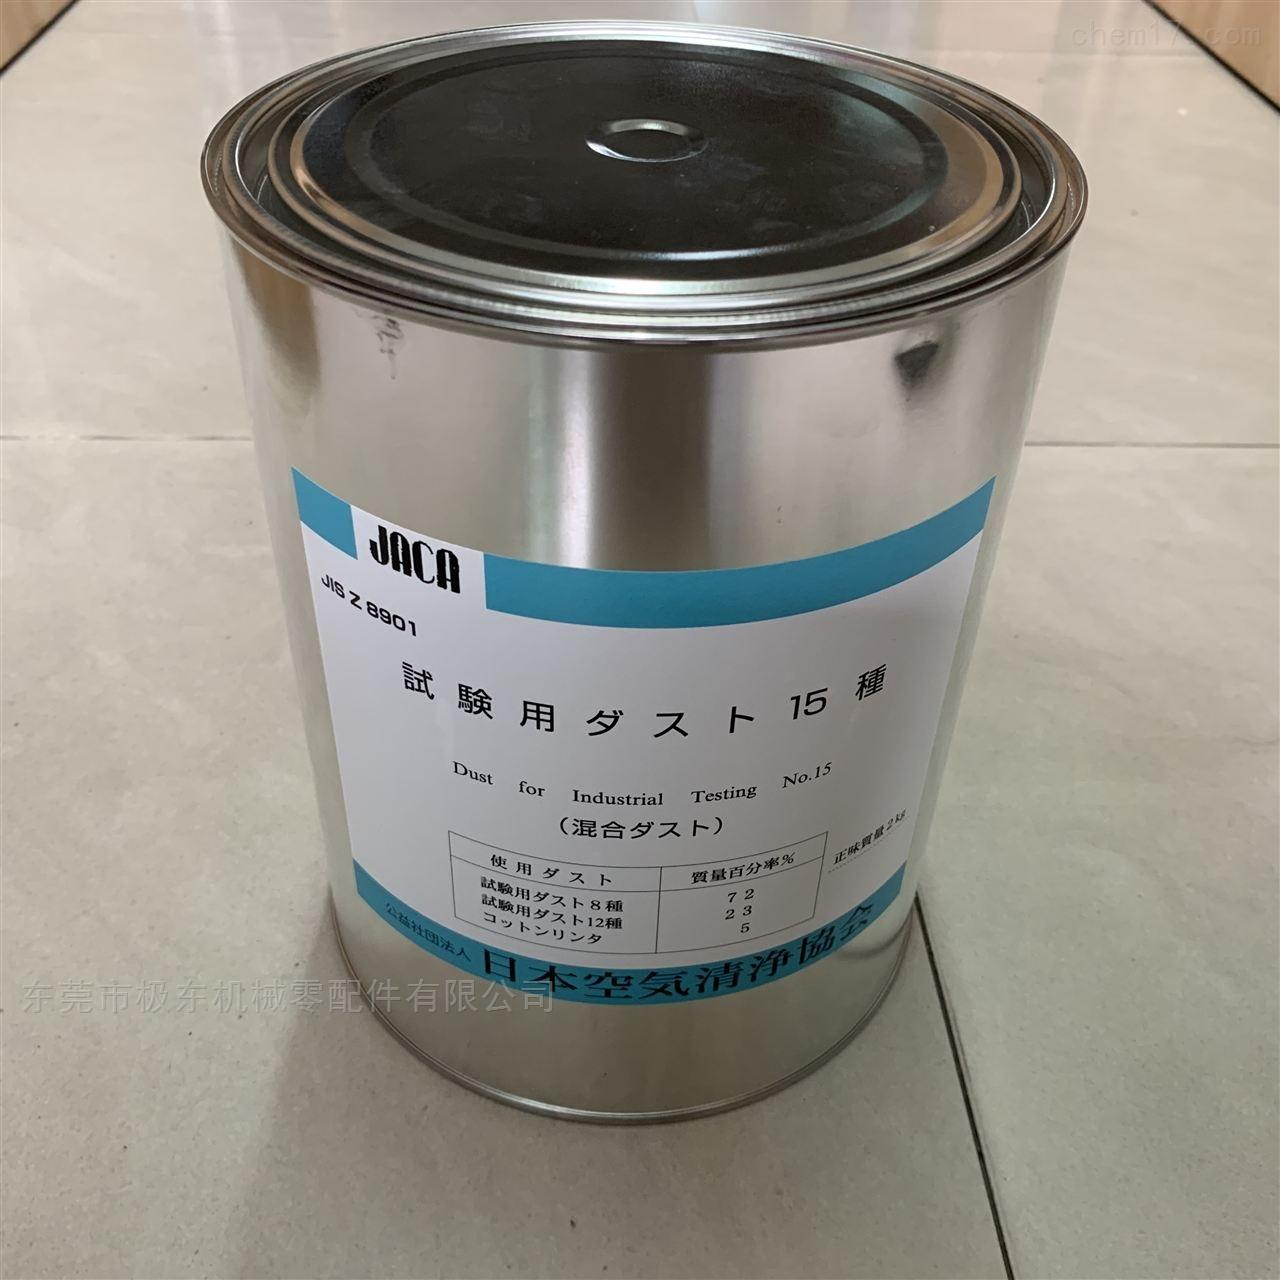 日本APPIE粉体JISZ8901试验用混合粉体